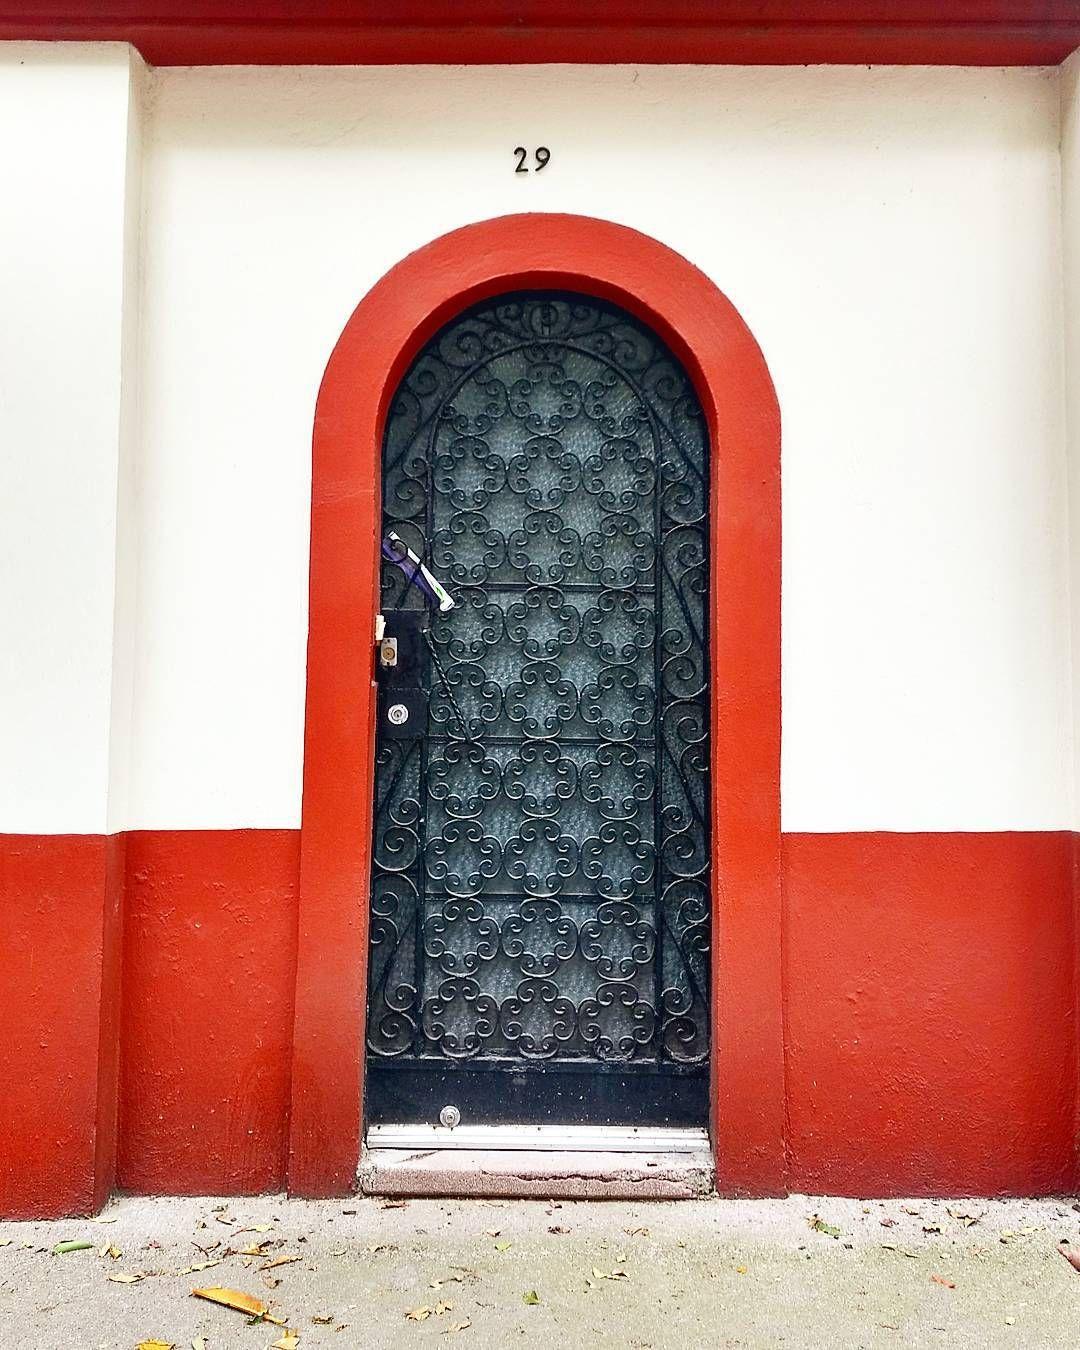 47 Likes 1 Comments Miguel Salas Miguelsalastv On Instagram Puertascdmx 0 3 7 100 Puertas Alrededor De La Unique Doors Gorgeous Doors Cool Doors